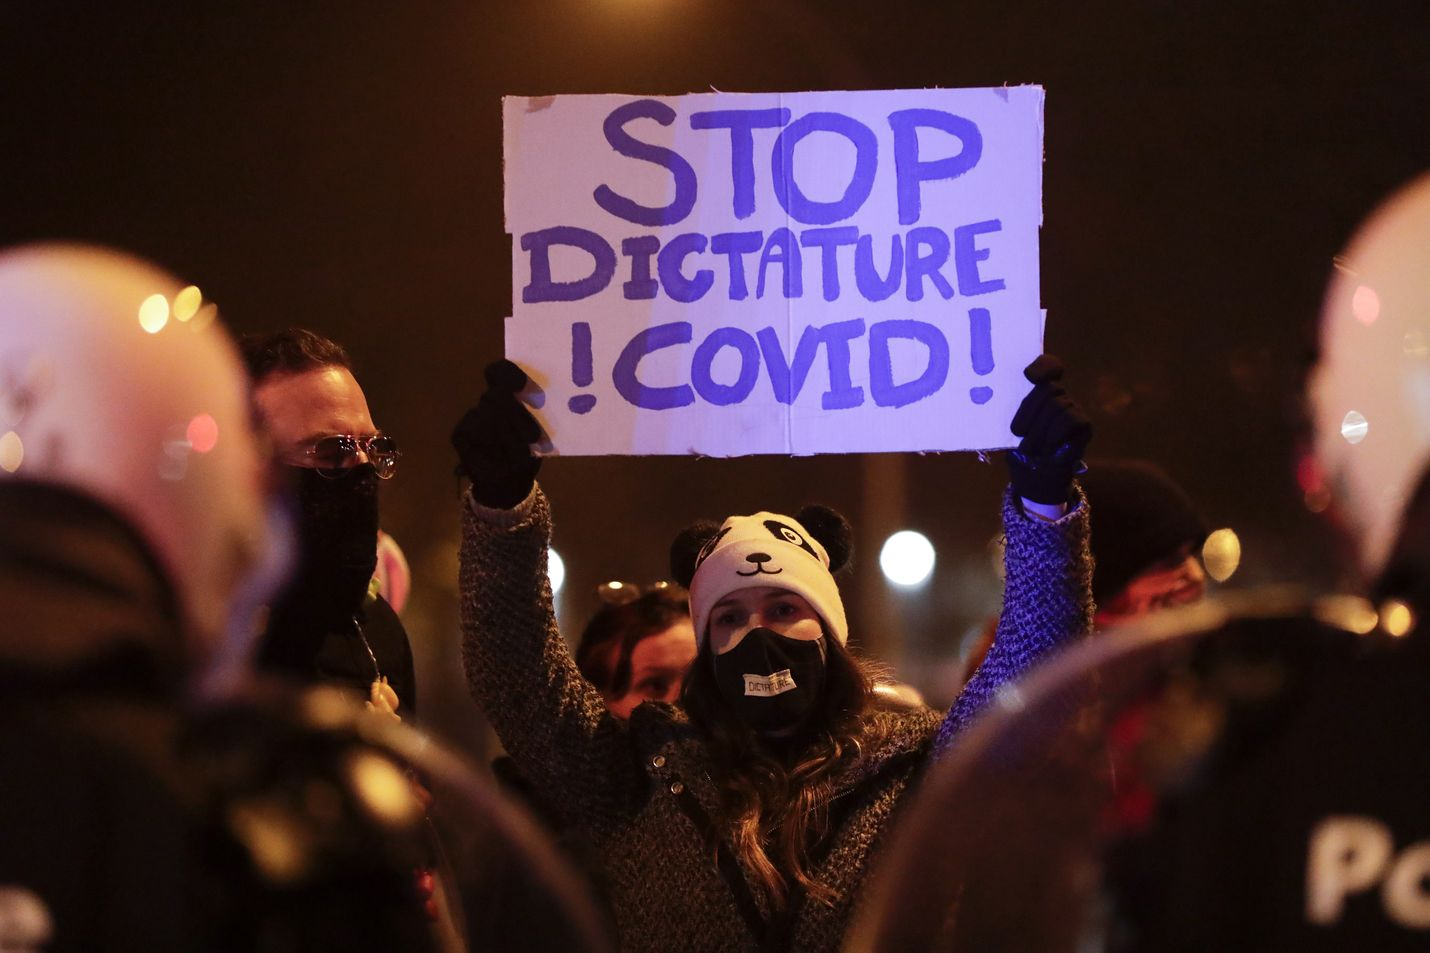 Koronarajoituksia vastustavia mielenosoituksia on nähty eri puolilla Eurooppaa. Niistä raportointi on muuttunut toimittajille riskialttiiksi. Kuvan mielenosoitus oli marraskuun lopussa Belgian Liegessä.